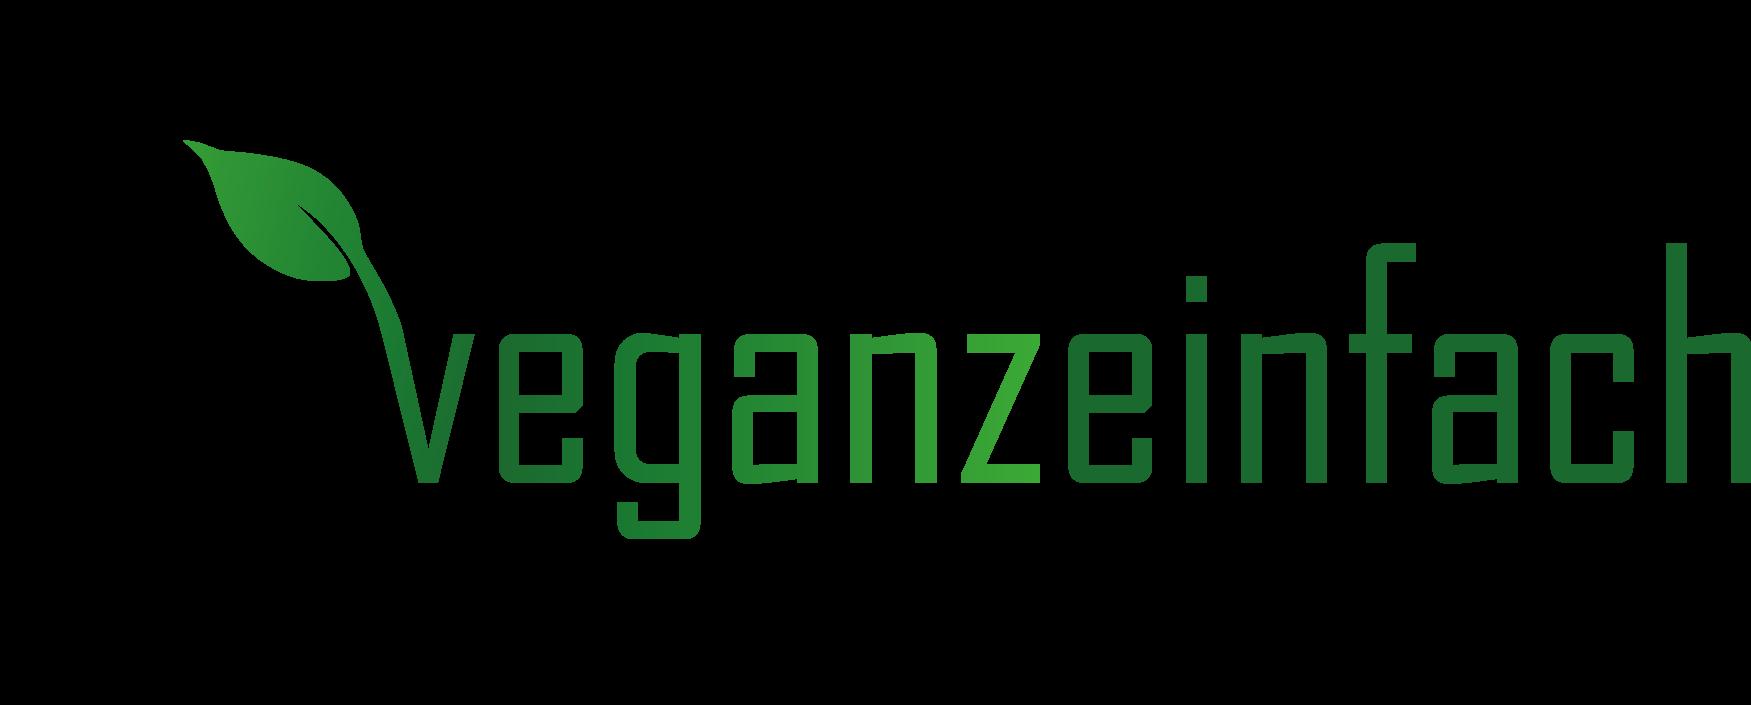 veganzeinfach